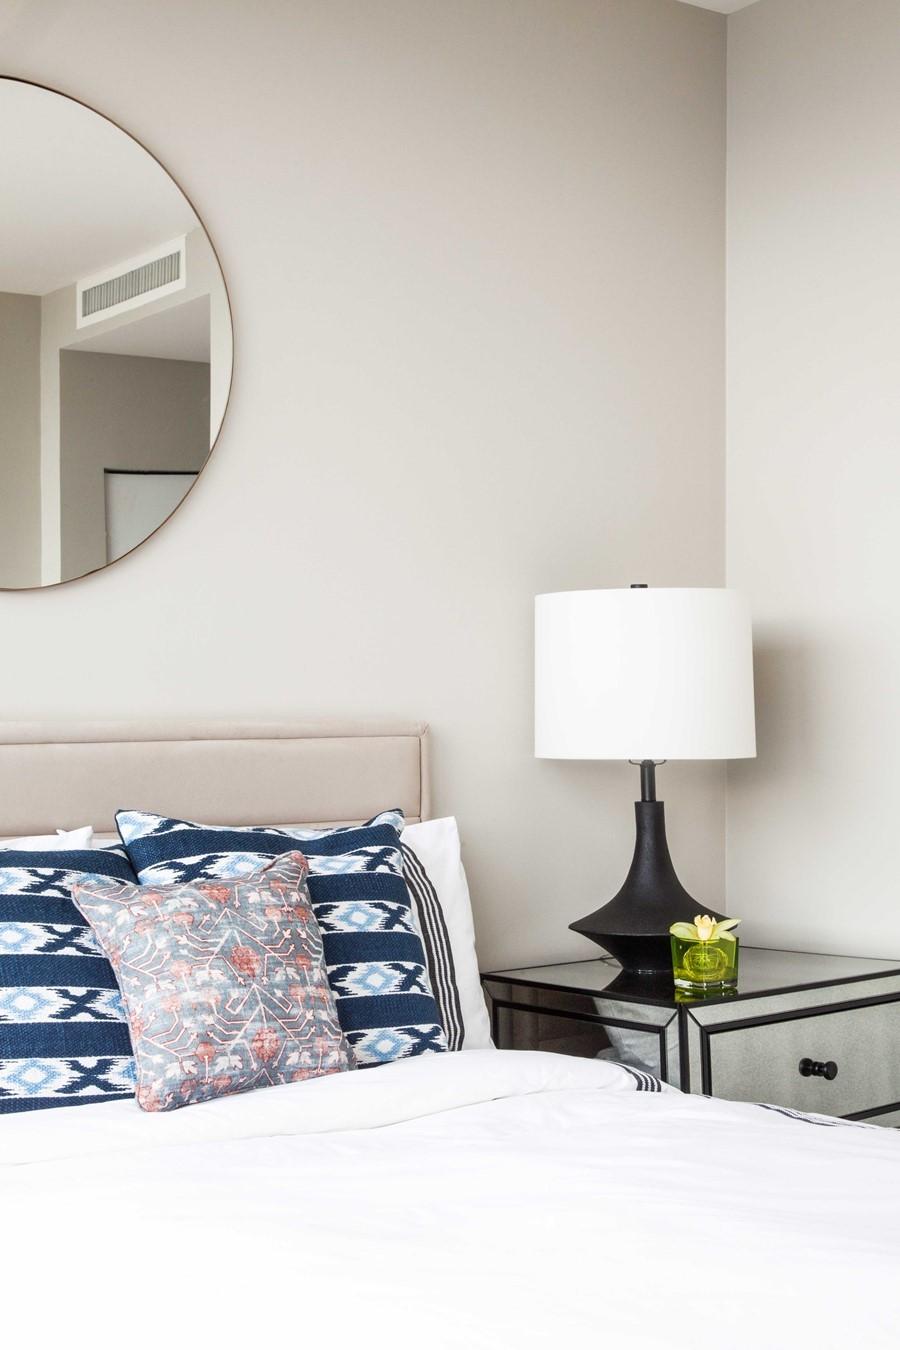 Vancouver condo design by lux design myhouseidea for Lux home design